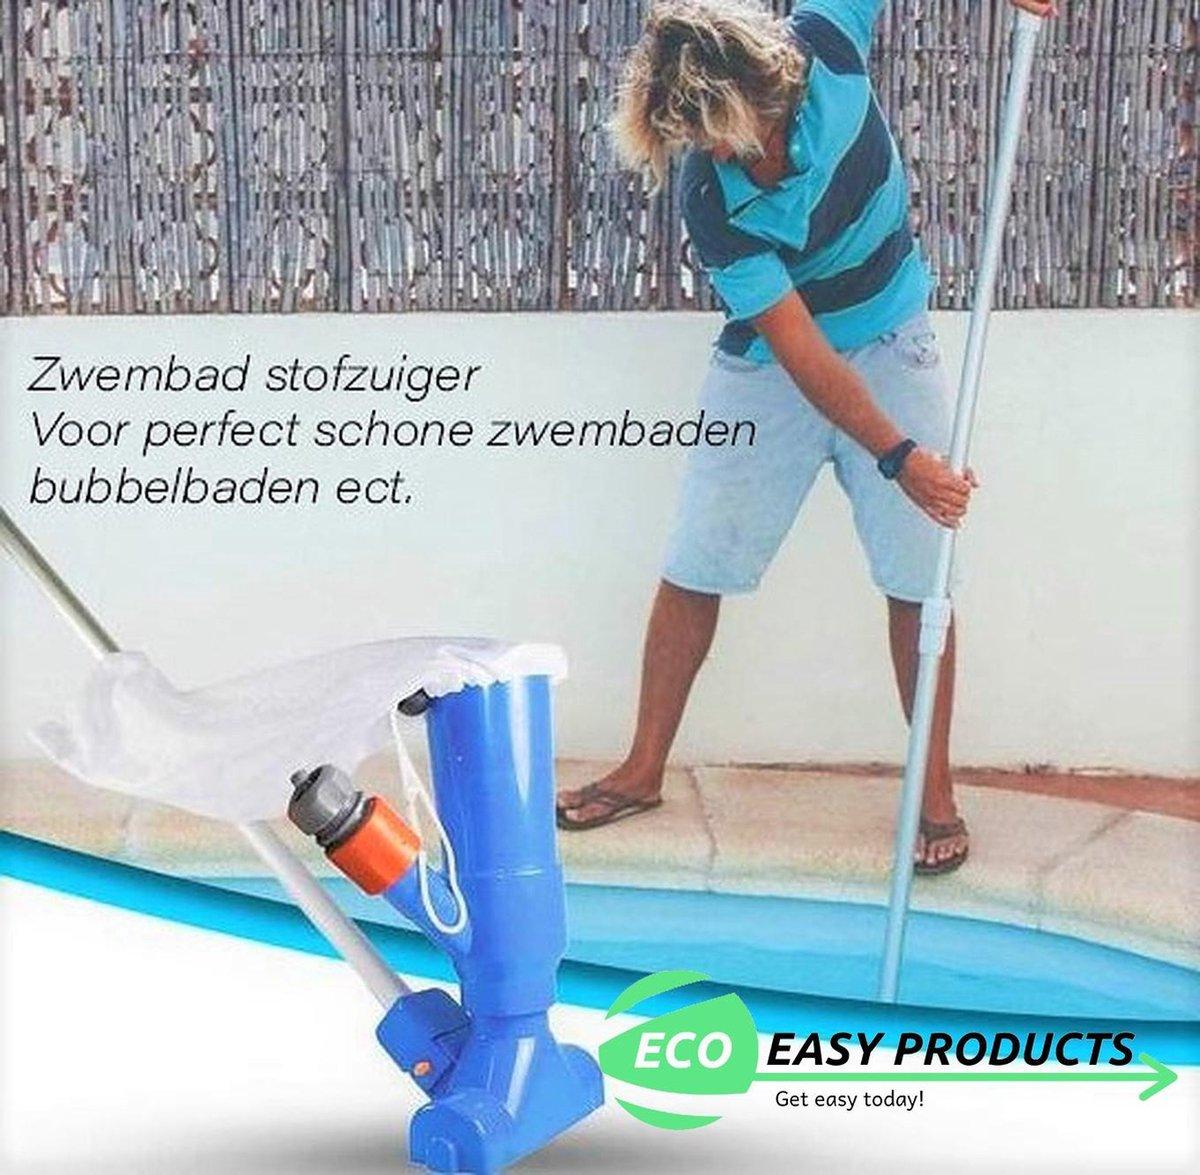 Zwembad Stofzuiger Inclusief telescoopstang - Zwembadreiniging - Reinigingset - Zwembadstofzuiger - Schoonmaakset zwembad - B...